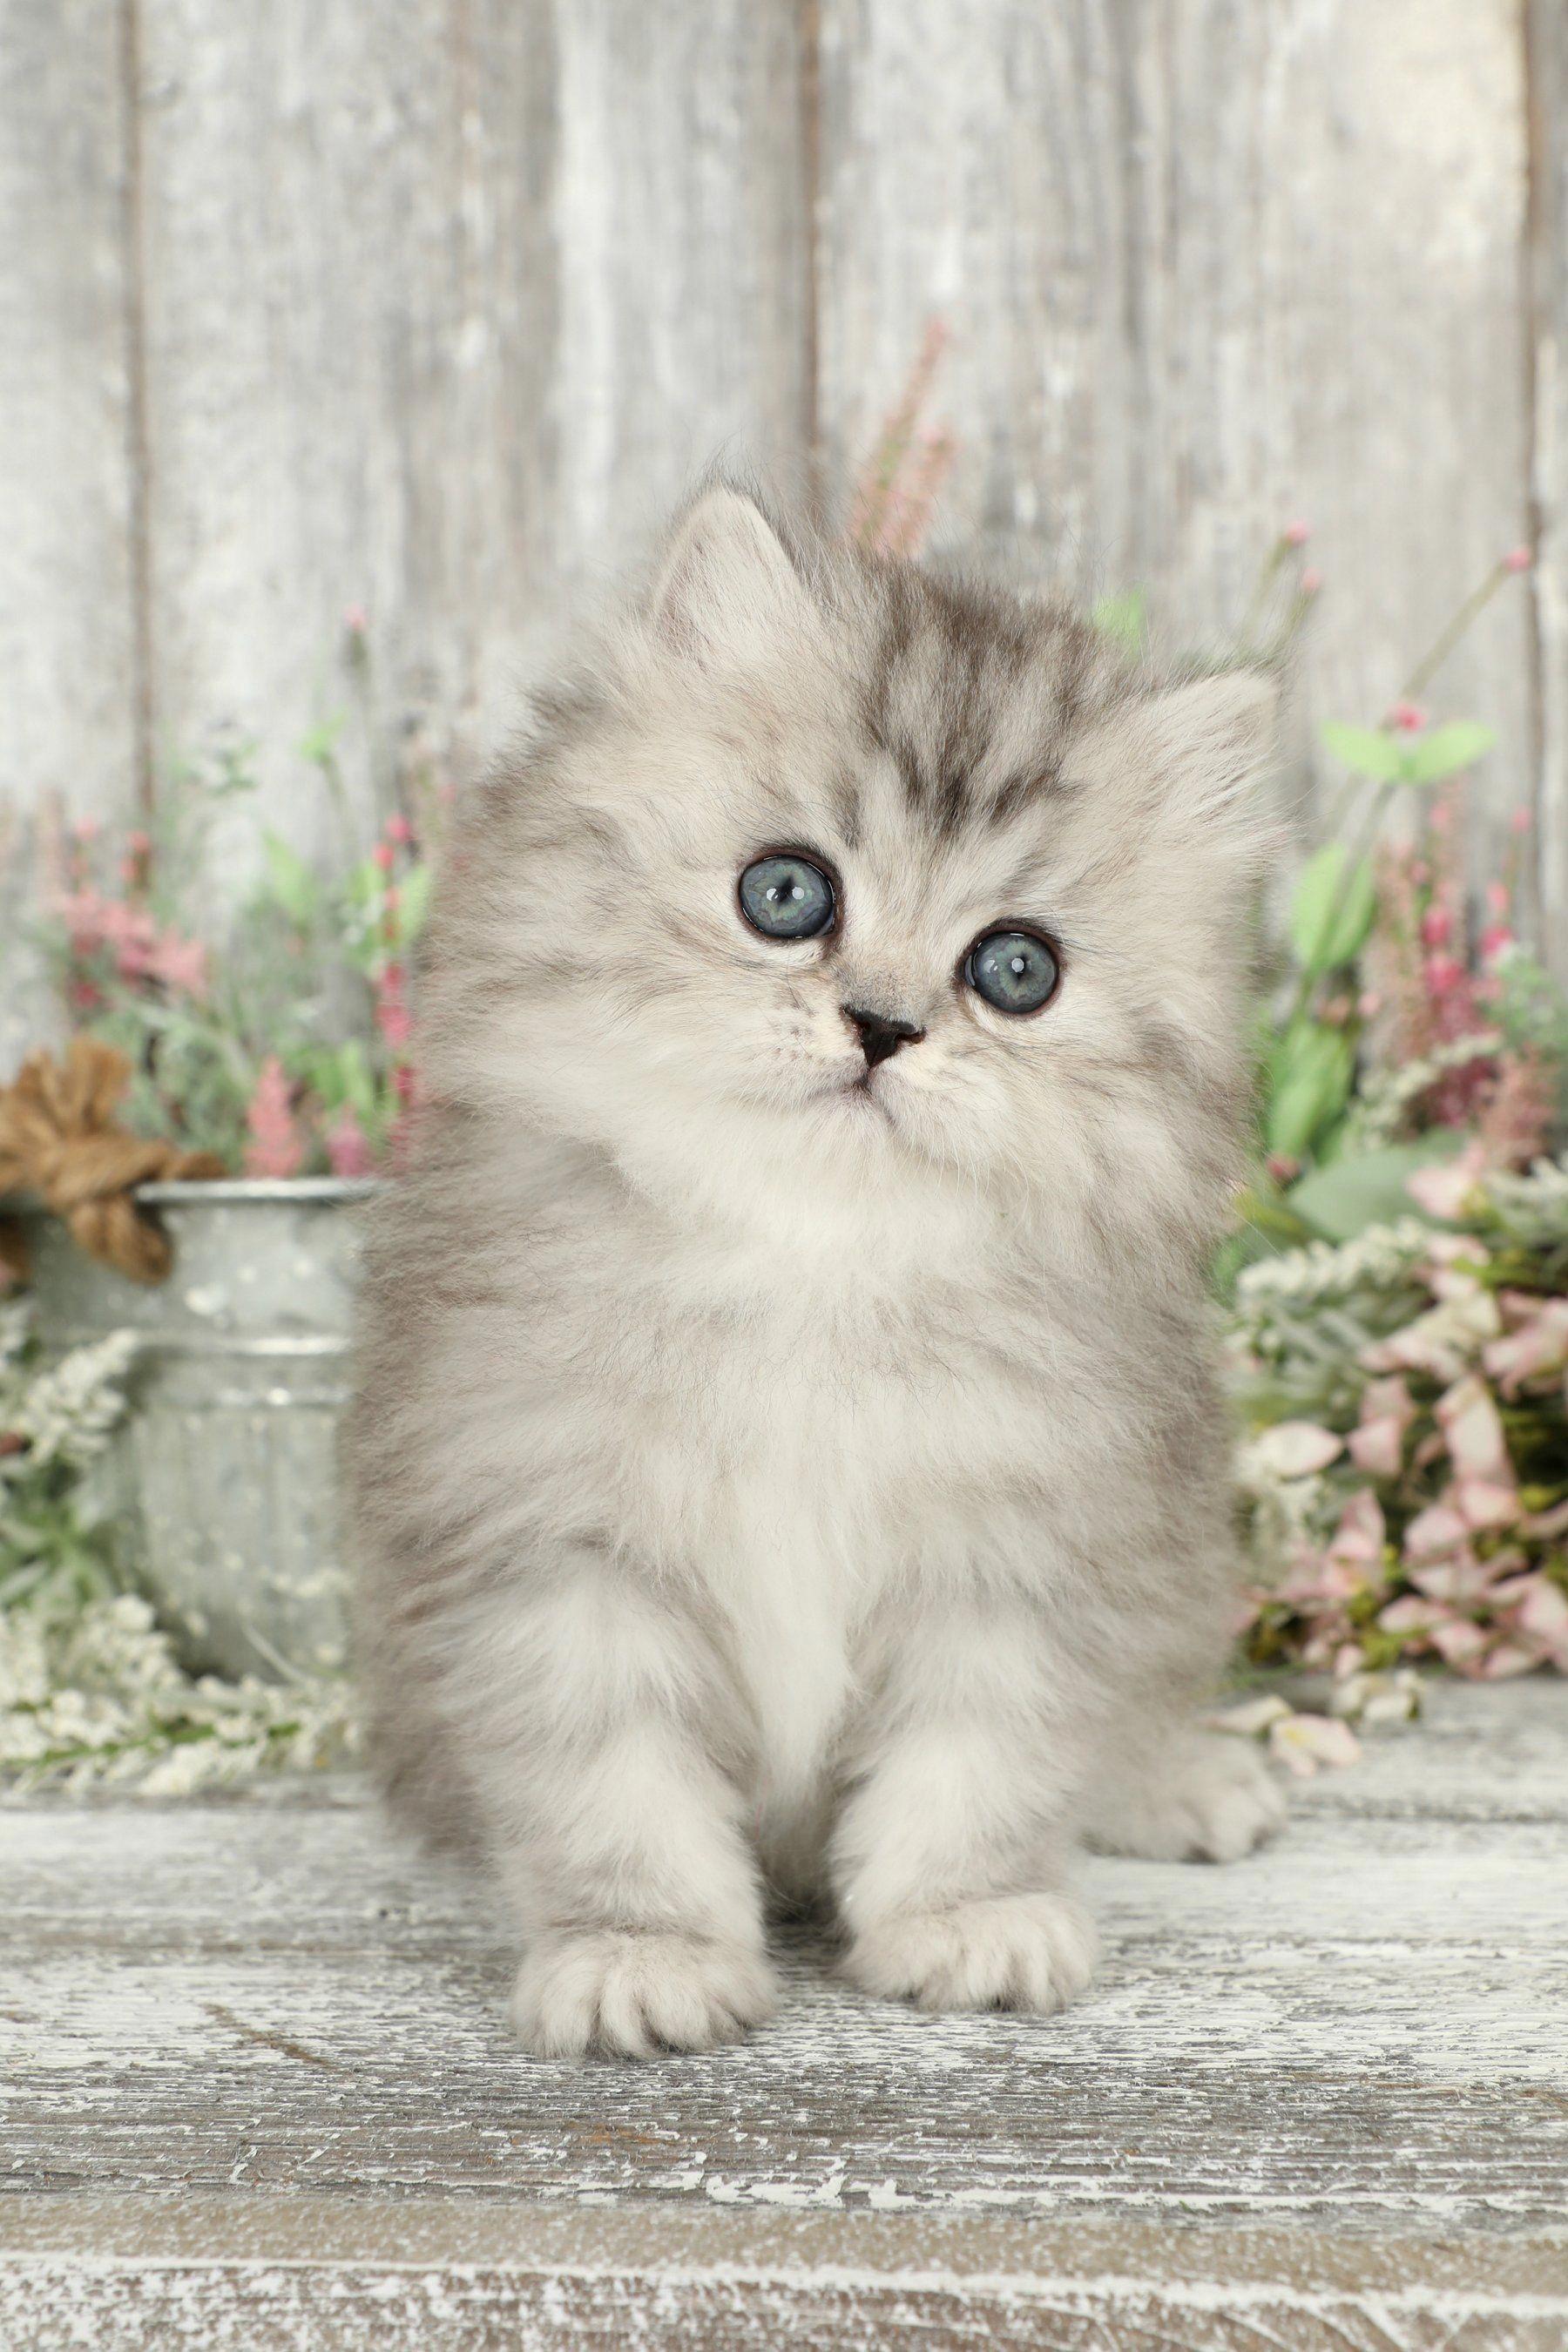 Cute Animals Videos Tumblr Rare Cute Animals List Kittens Cutest Kitten Breeds Cute Animals List